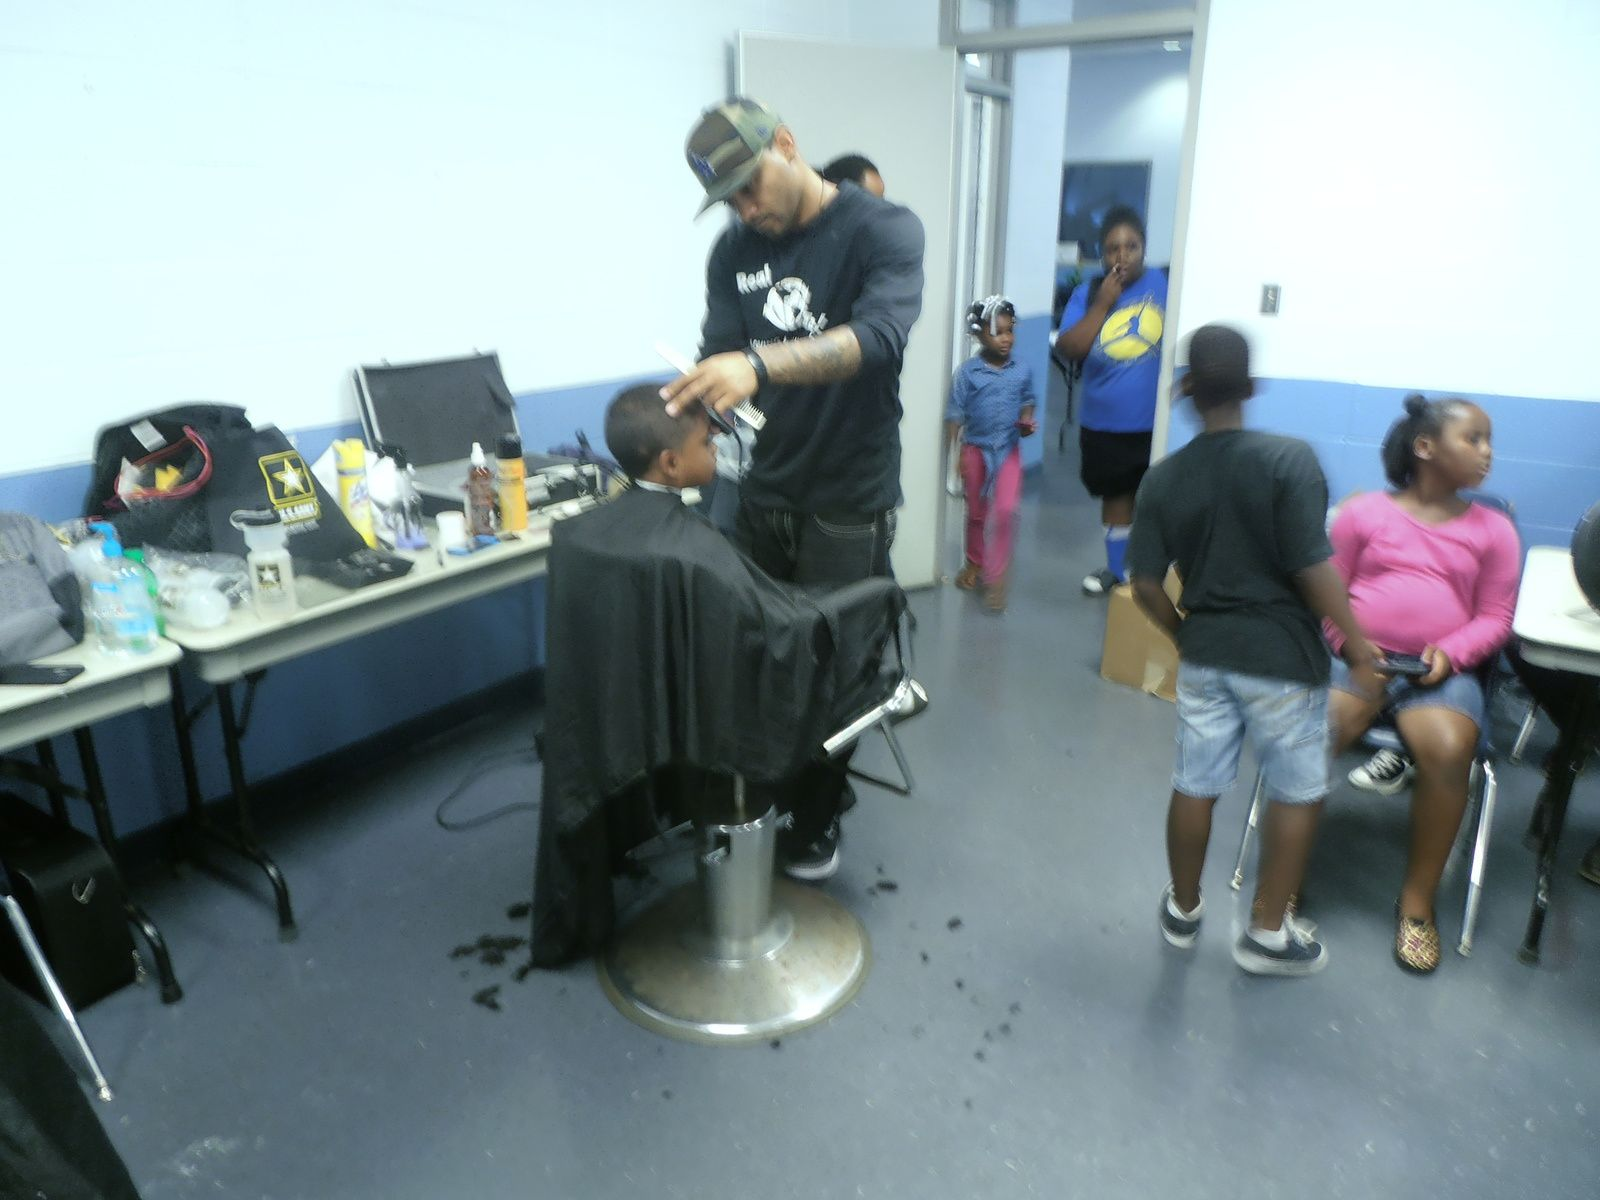 Des coiffeurs ont offert une coupe de cheveux et reversé le montant à la famille pour lui venir en aide. Beau geste de solidarité qui ne remplacera jamais ce pauvre garçon.